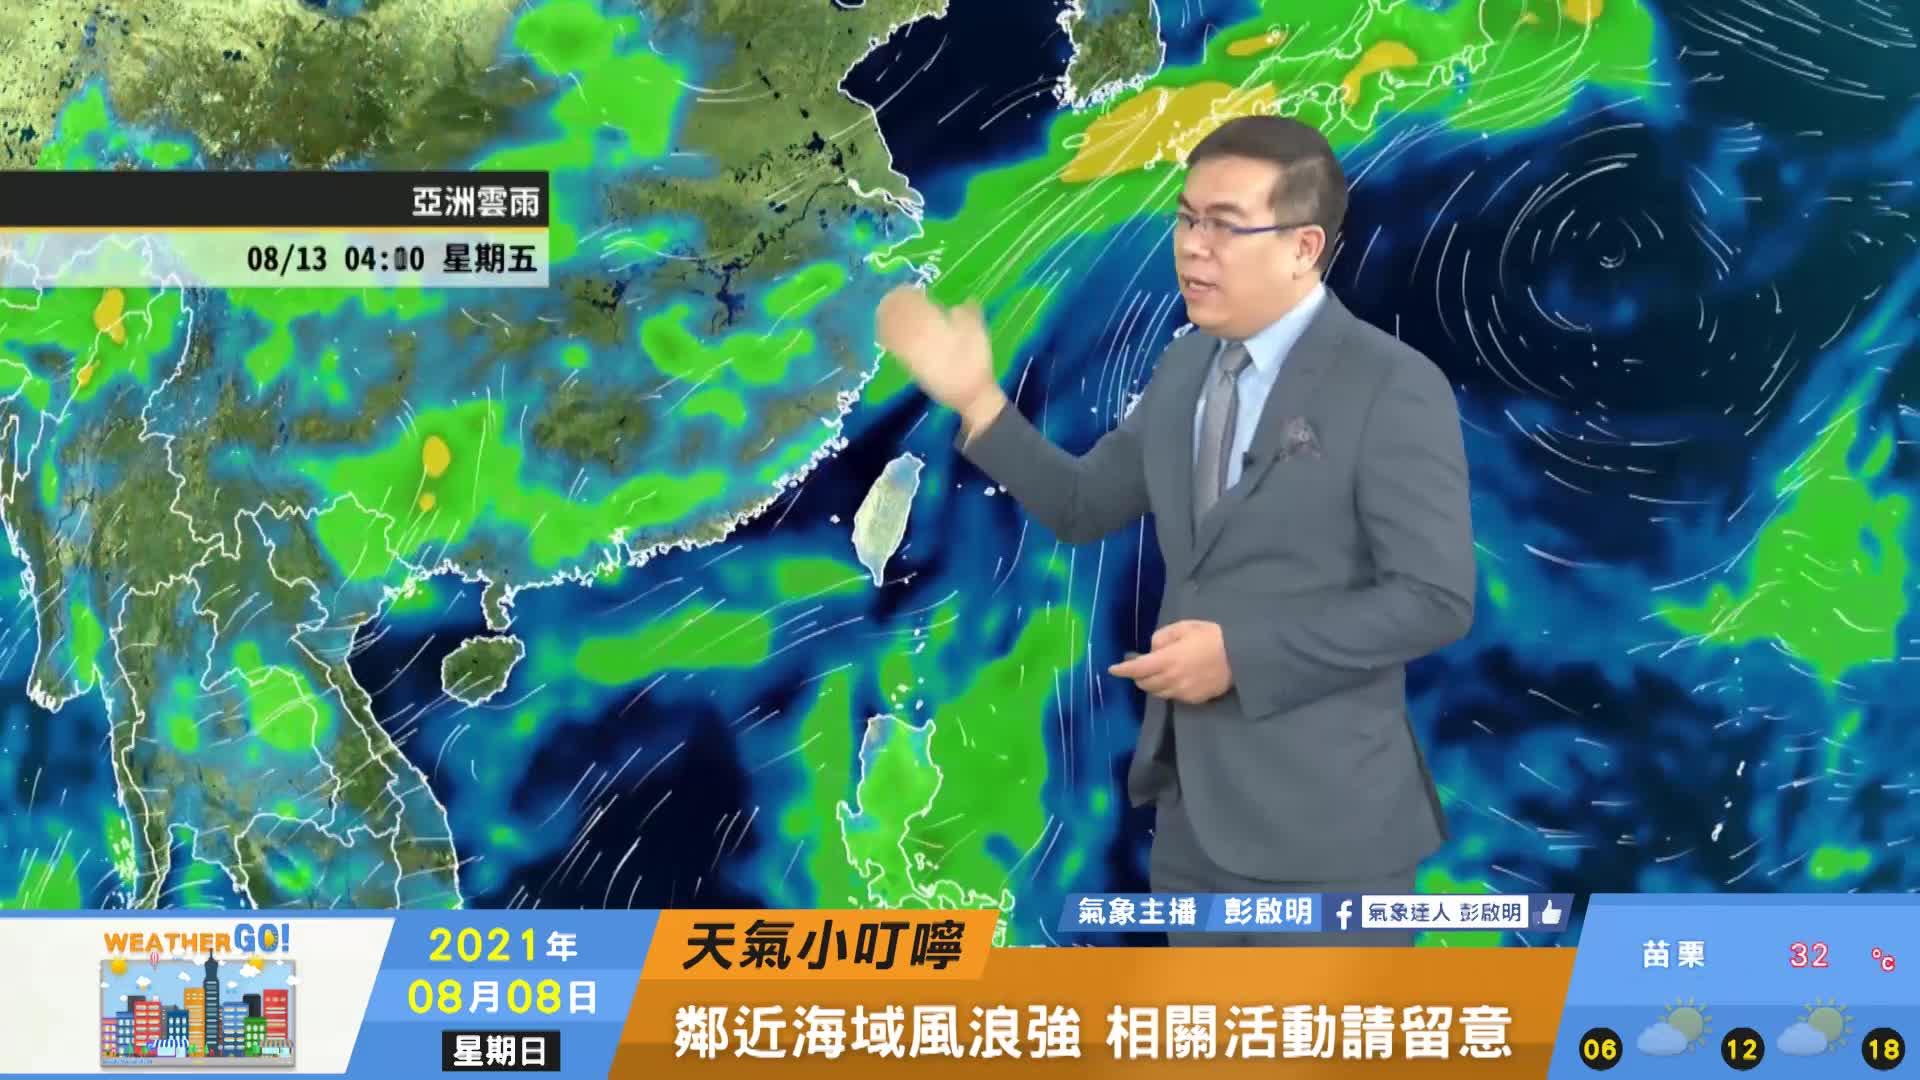 一分鐘報天氣/週一(08/09日) 盧碧颱風復活加速遠離 中南部仍須慎防強降雨